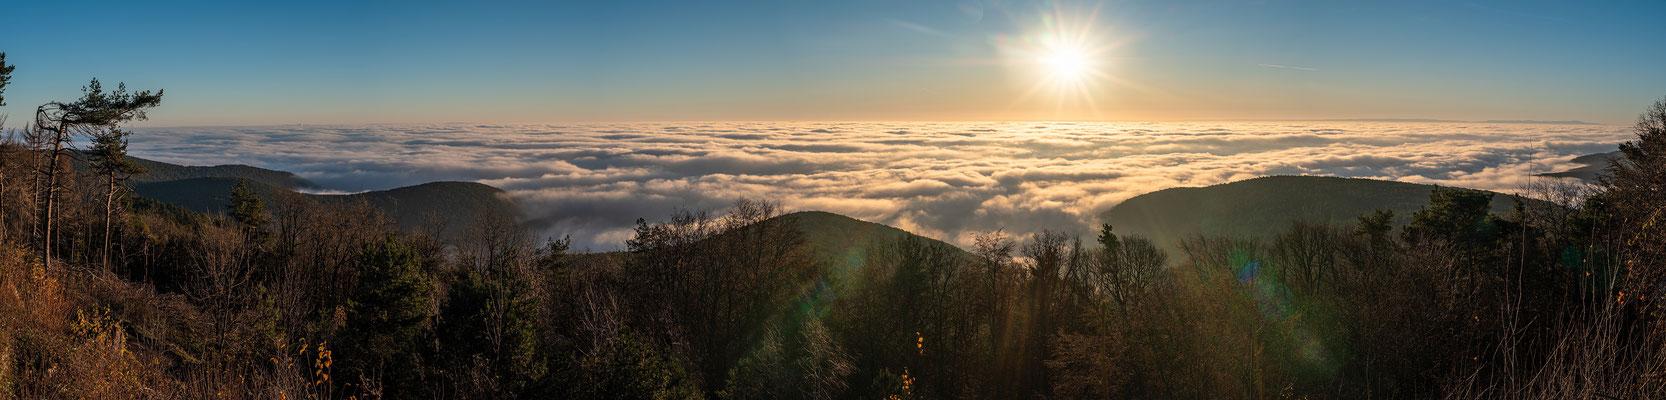 Nebelmorgen auf der Kalmit